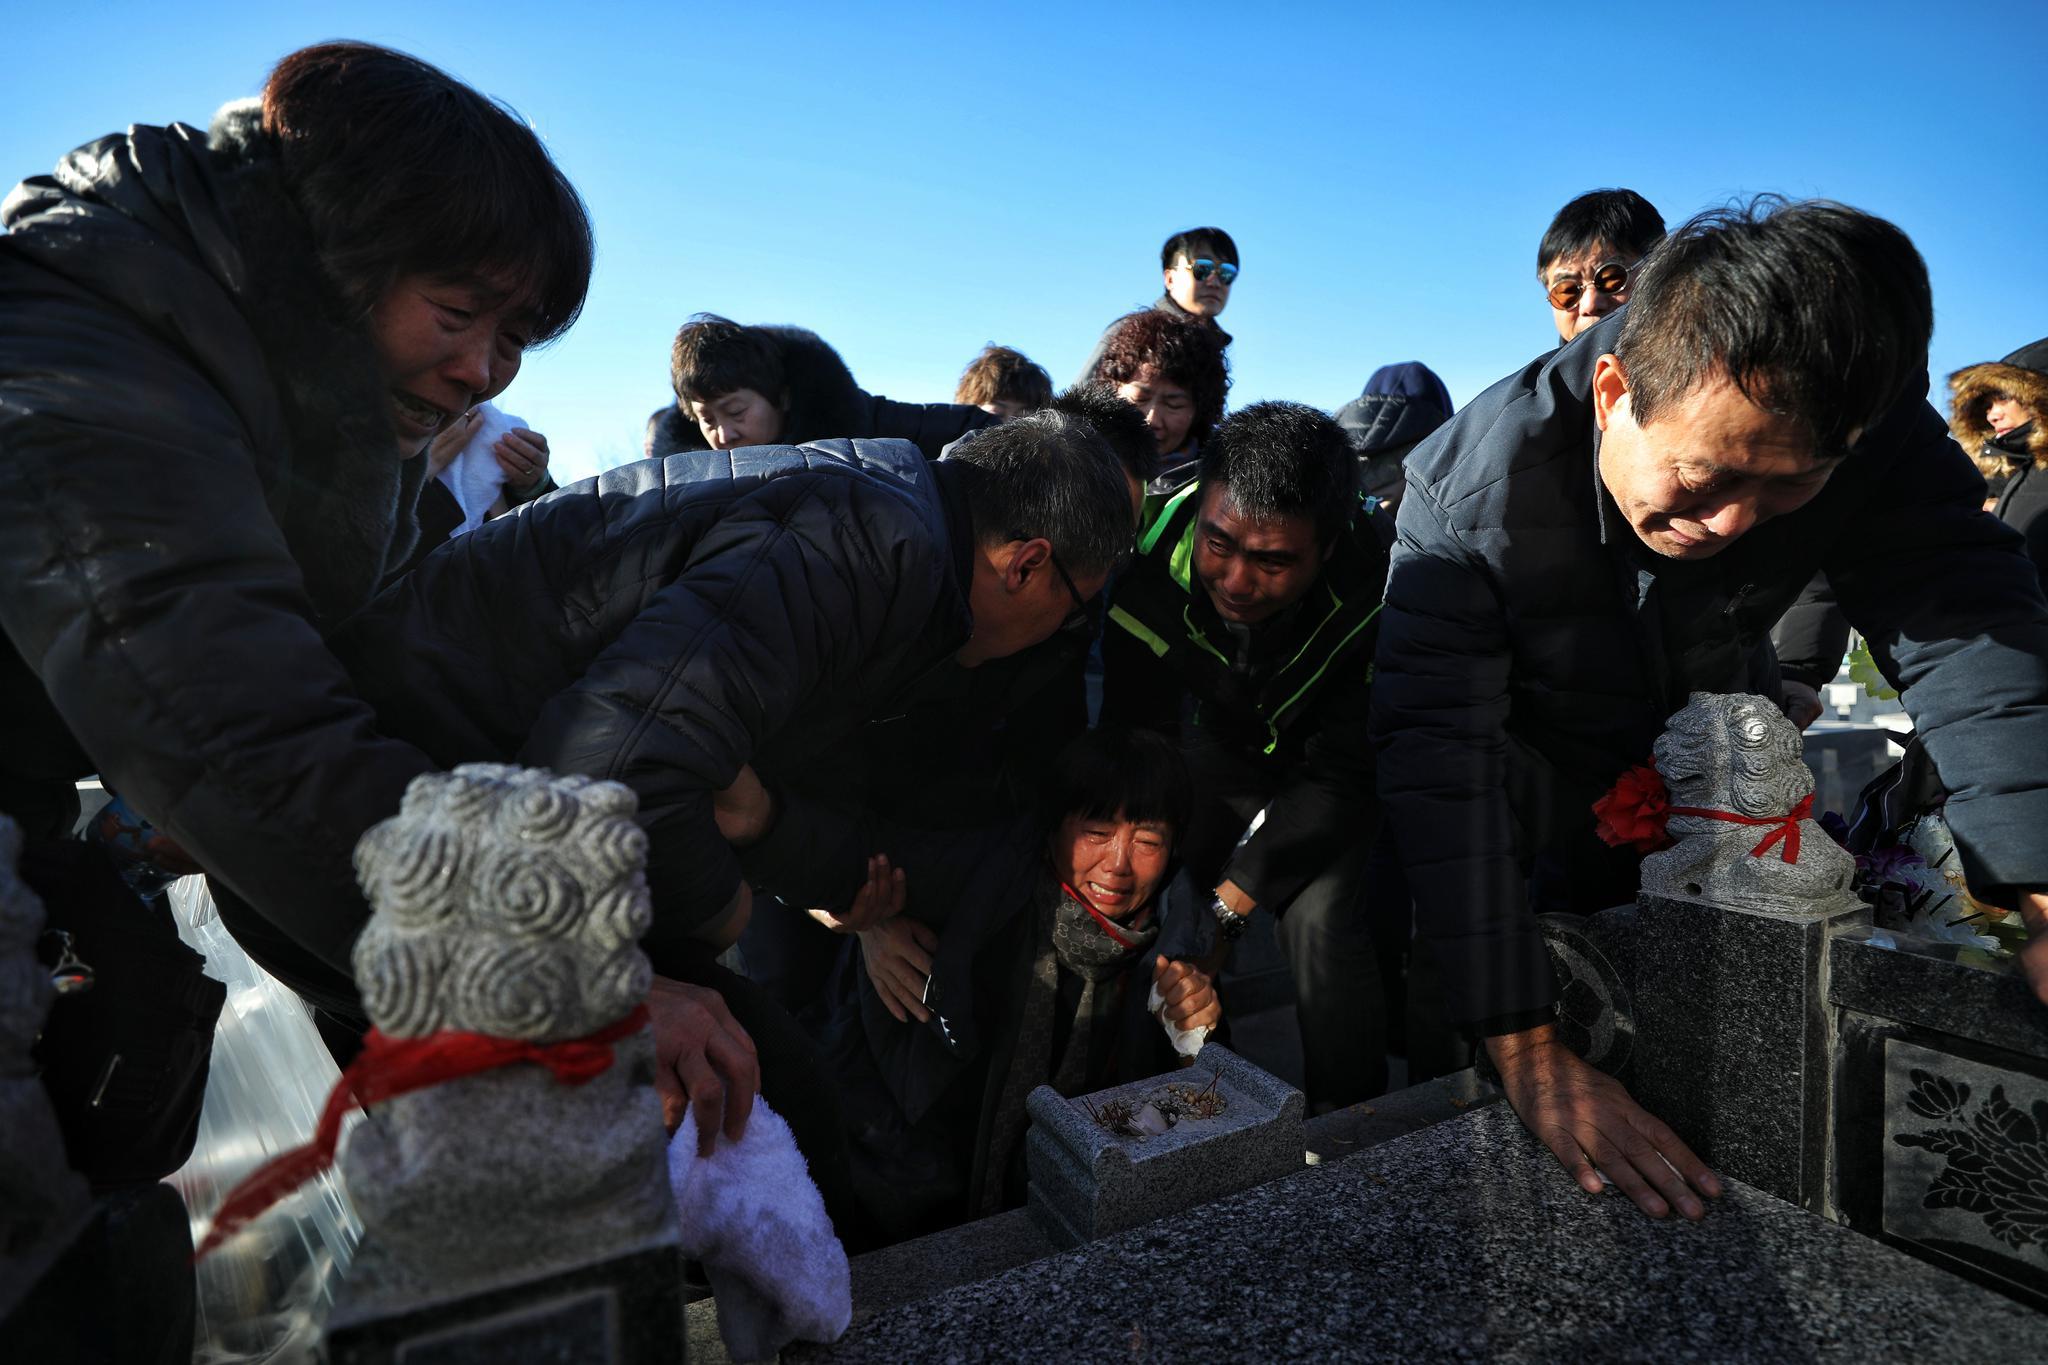 2018年12月13日,天津市宁河区永定塔陵,张洁父亲用手擦拭墓碑,众人搀扶伤心的张母亲。 新京报记者 王飞 摄